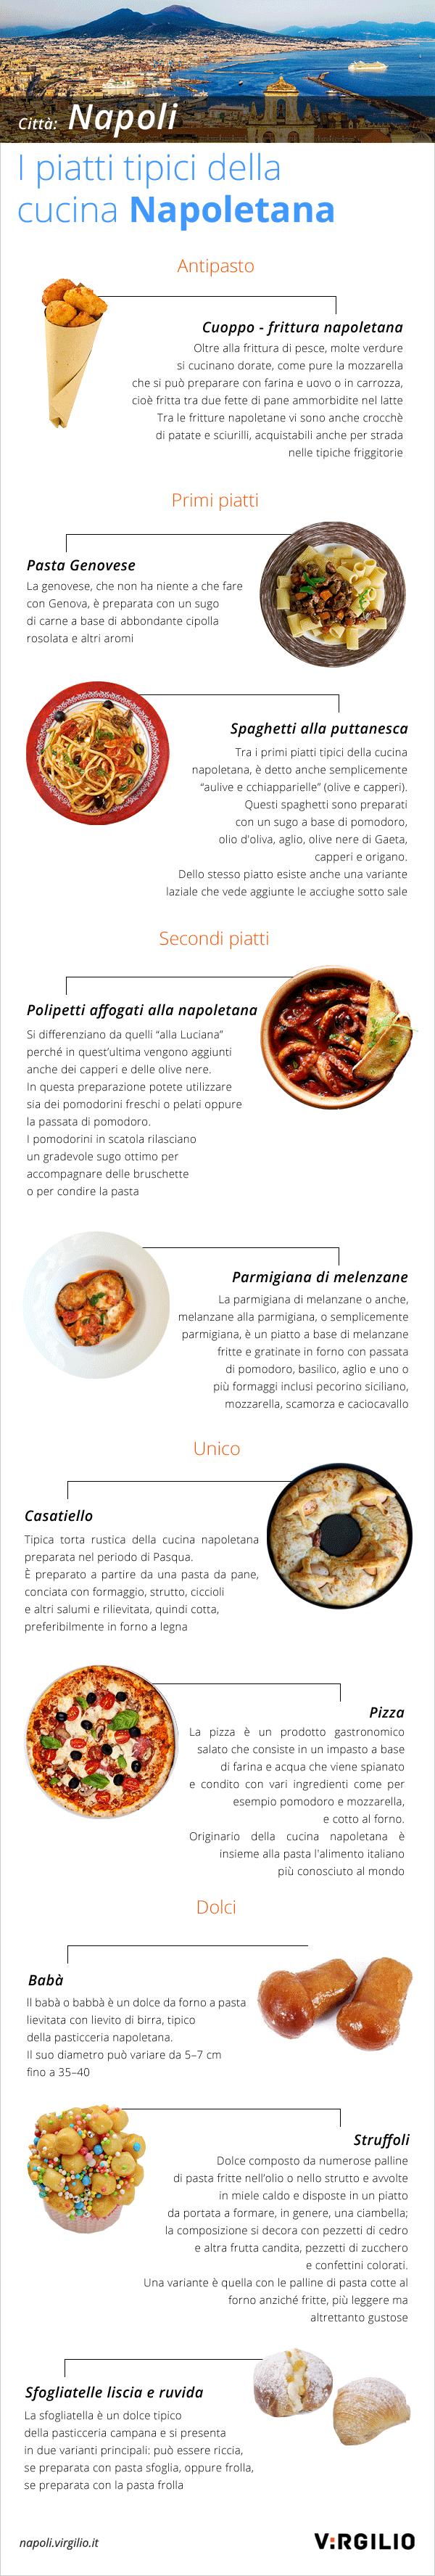 specialità cucina napoletana